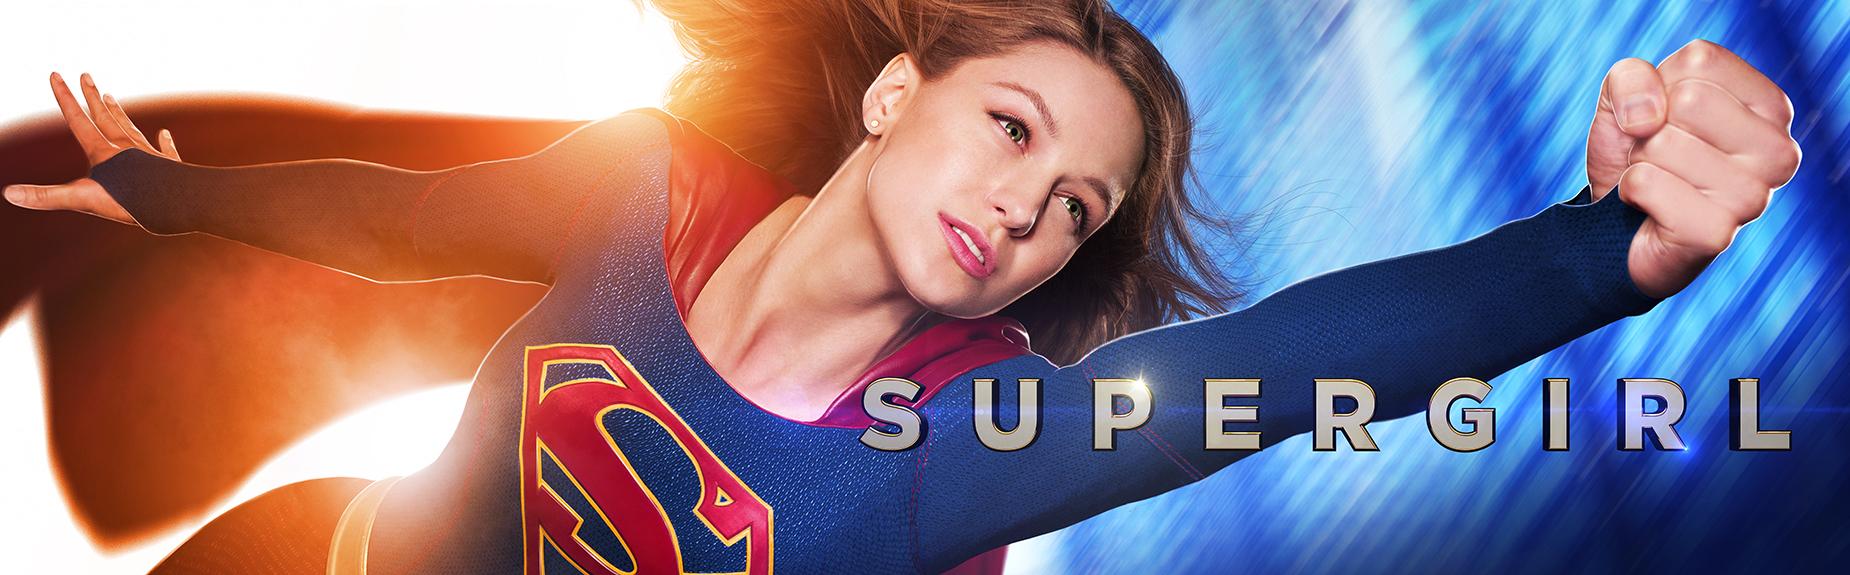 Resultado de imagen de super girl